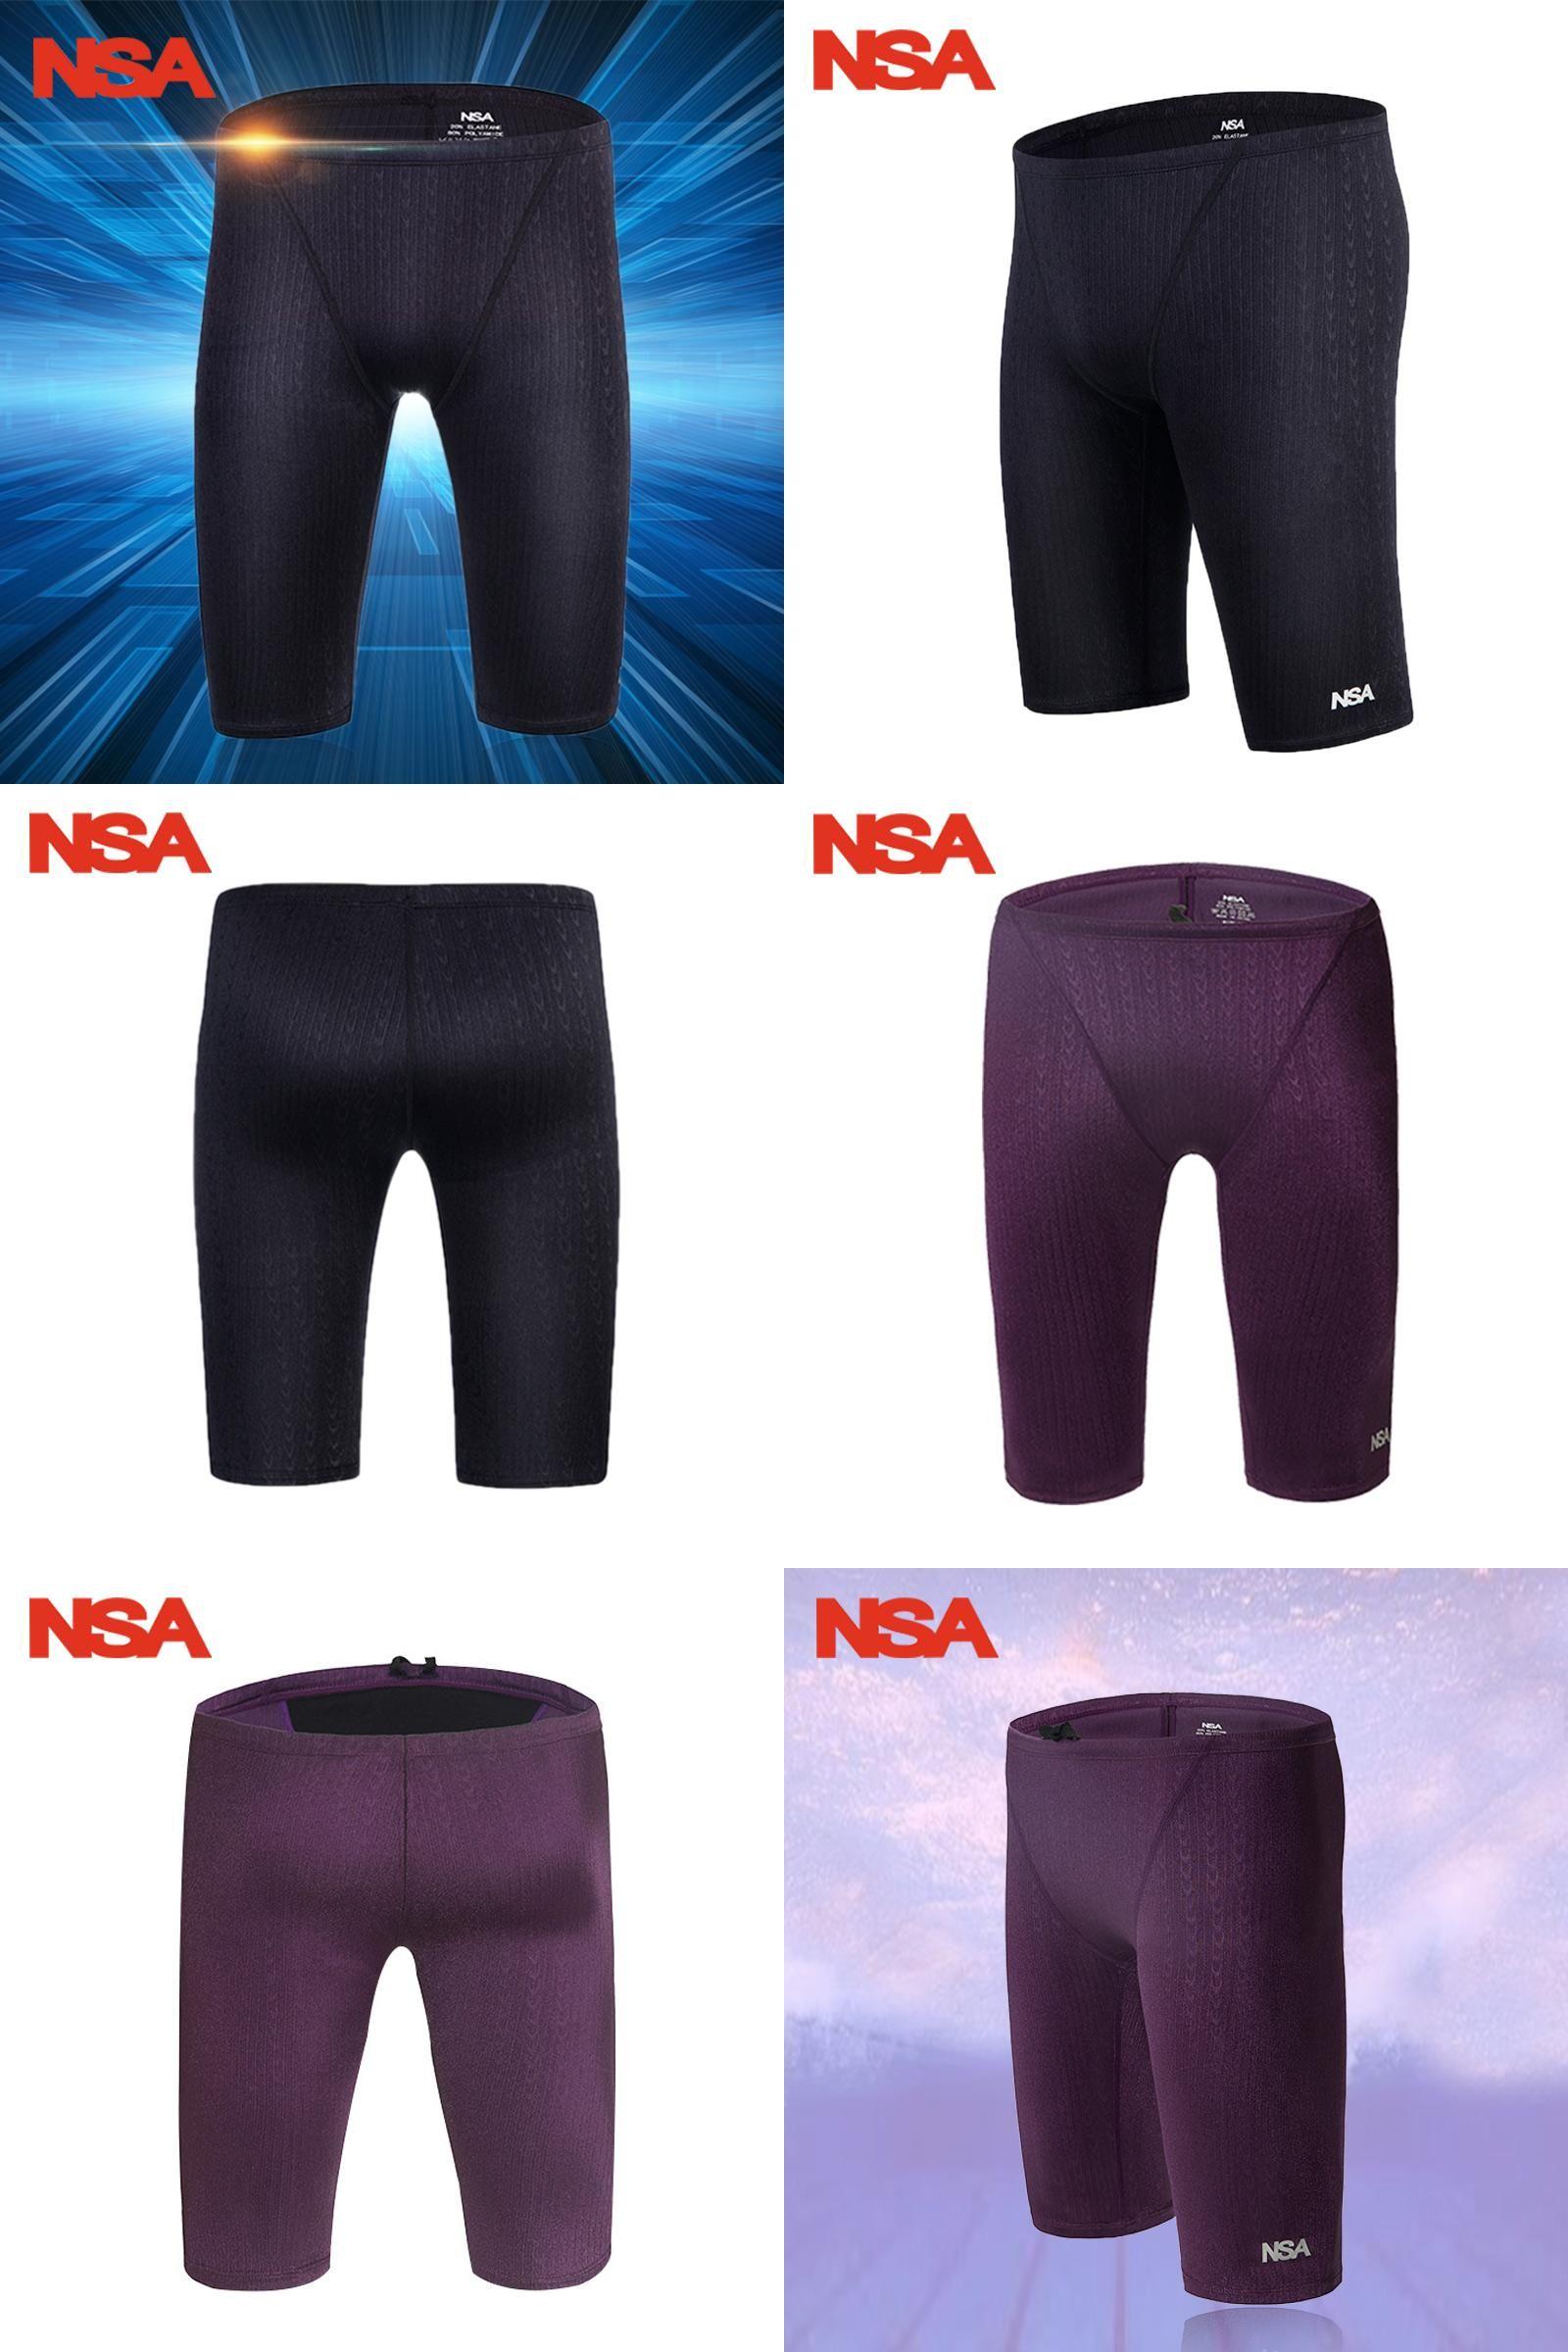 d53ba76009  Visit to Buy  NSA Arena Swimwear Men Swimsuit Trunk sharkskin professional  swimming jammer trunks